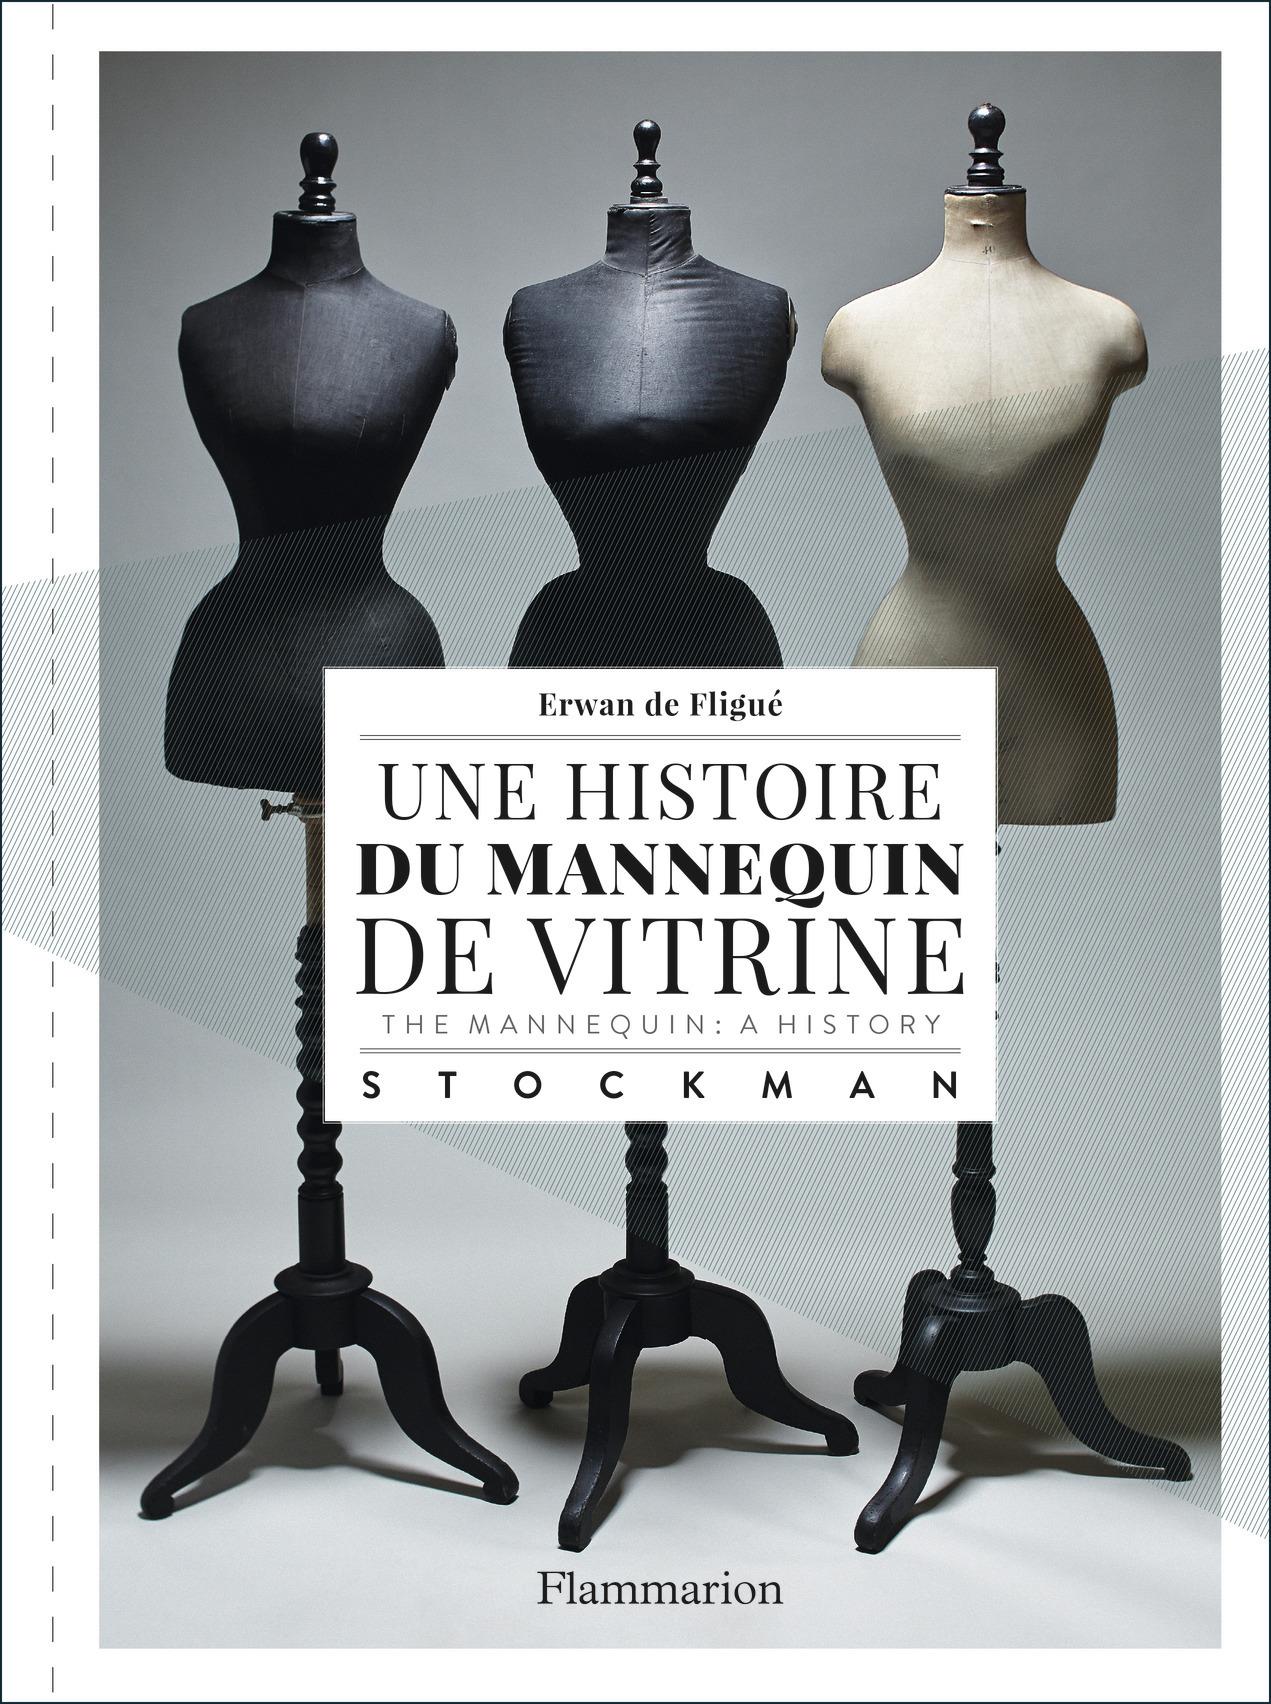 UNE HISTOIRE DU MANNEQUIN DE VITRINE